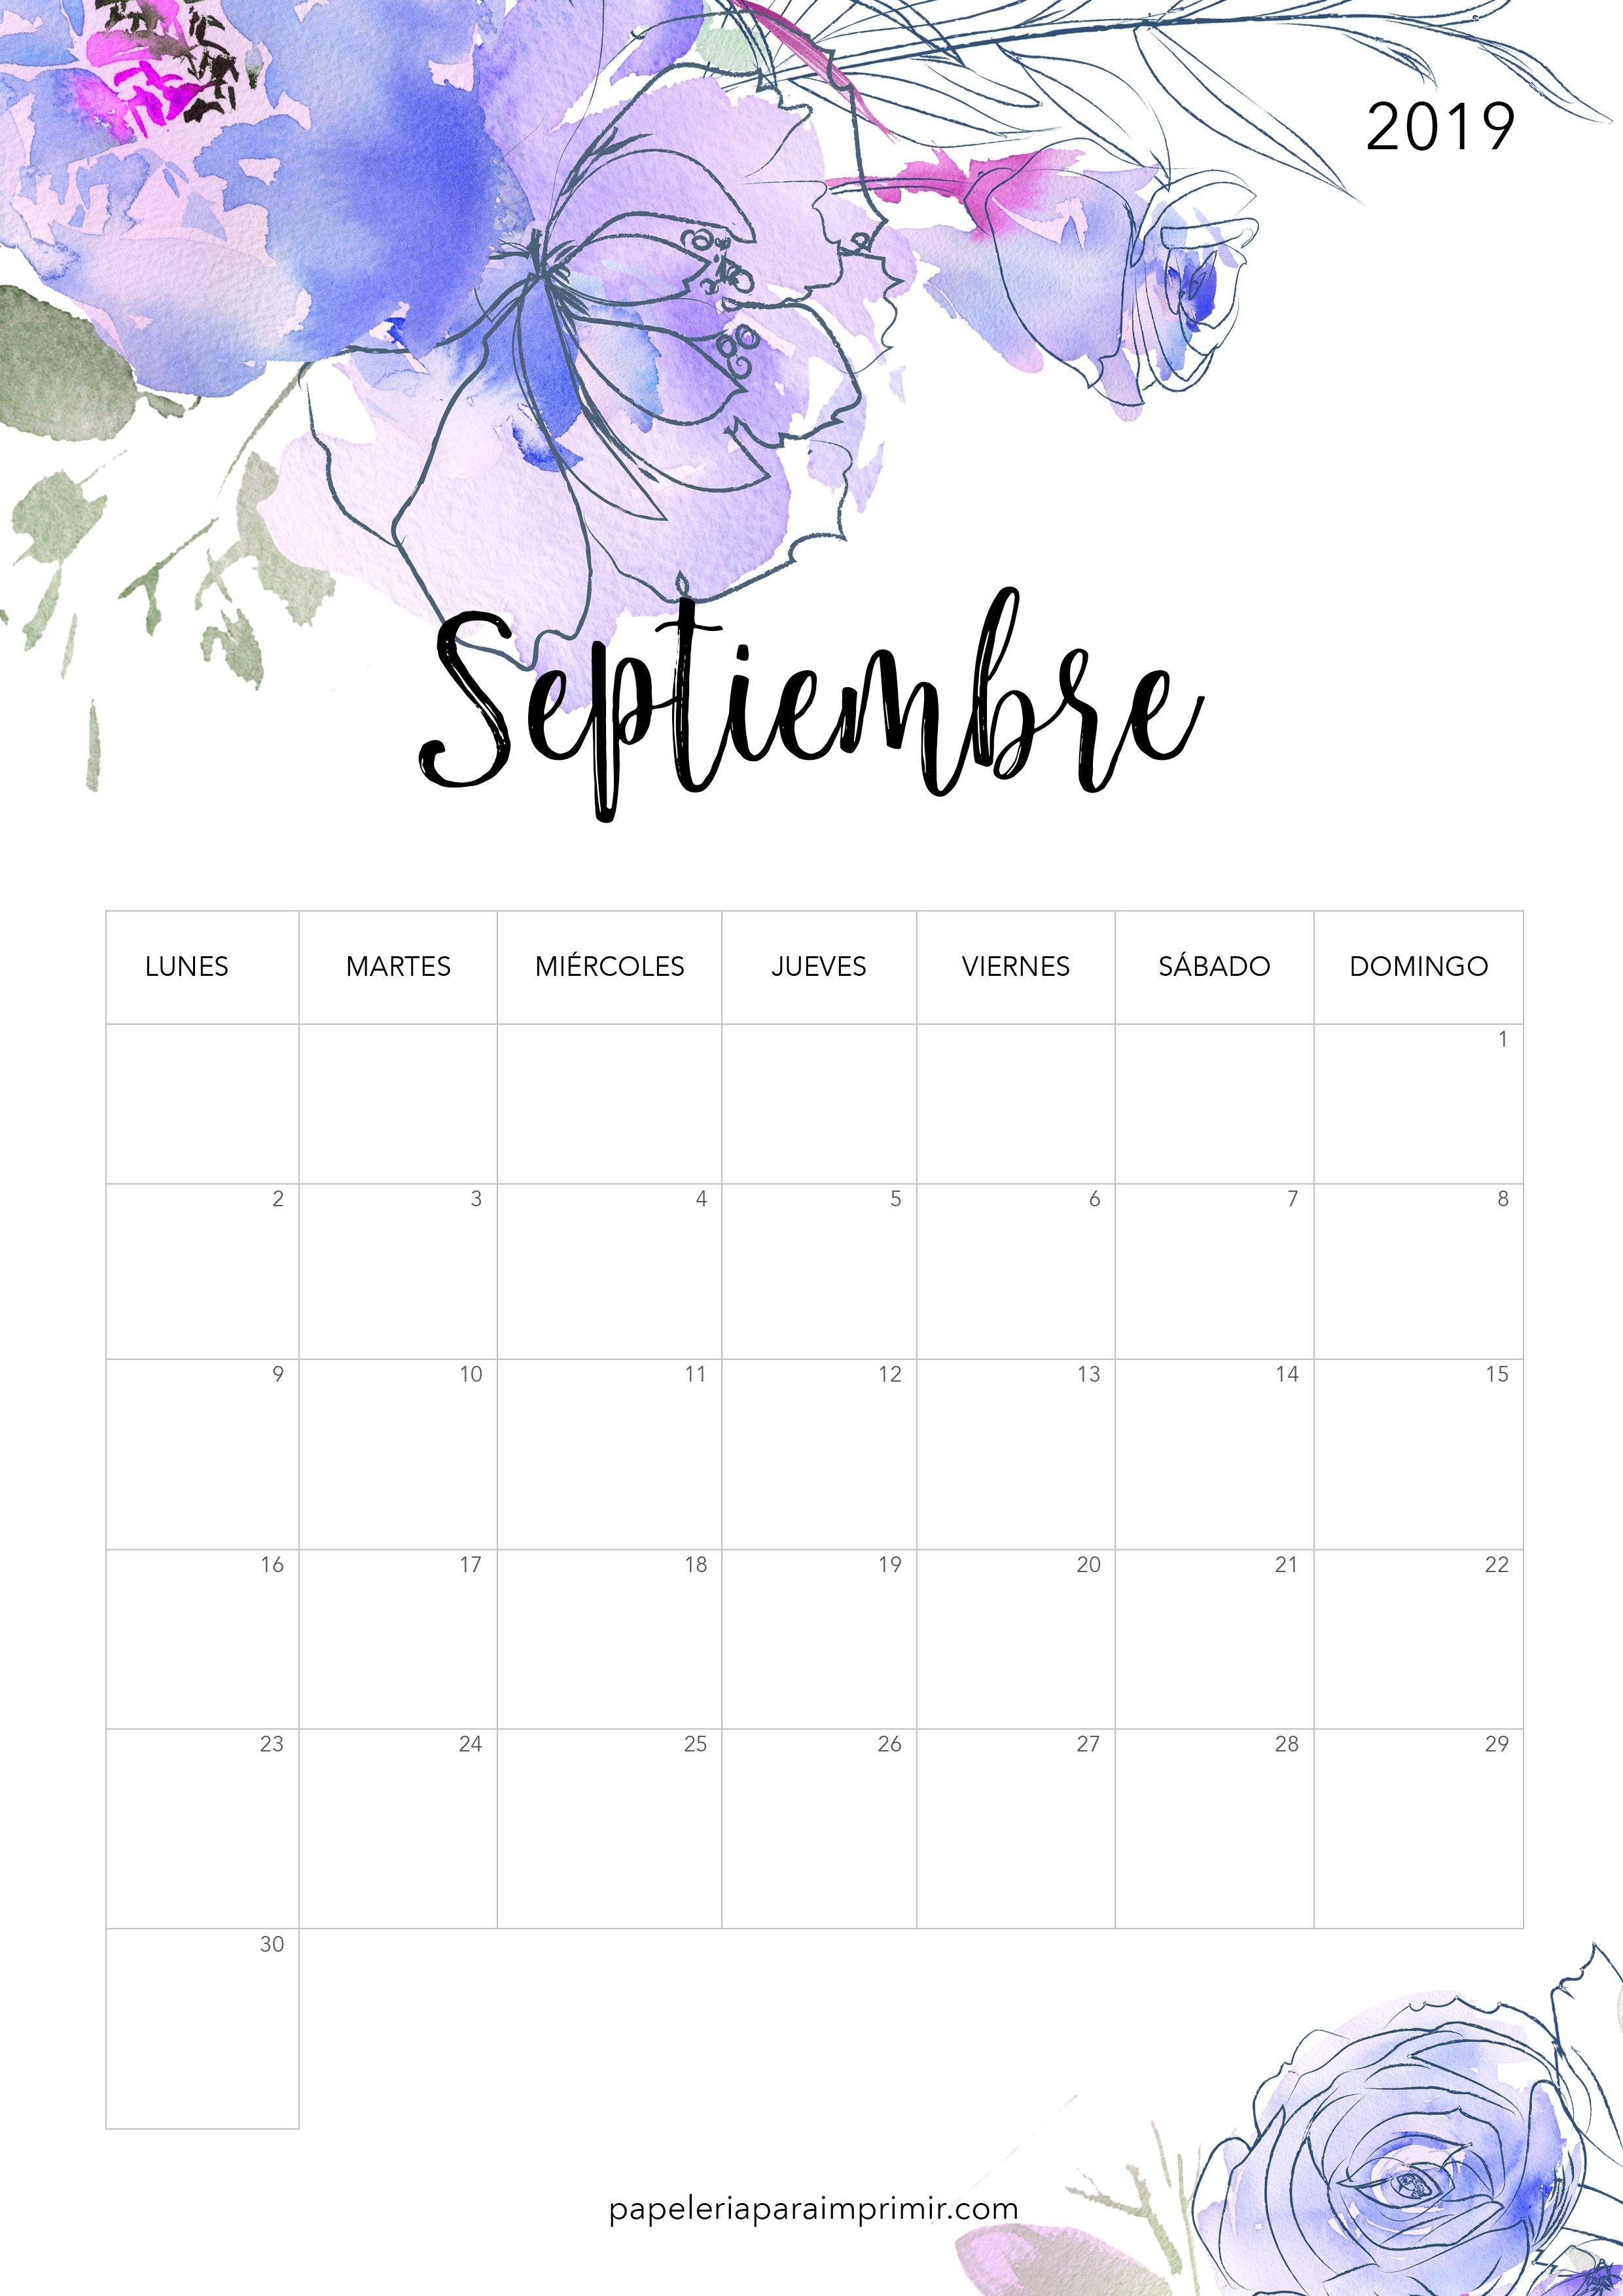 Calendario 2019 Noviembre Para Imprimir Más Recientemente Liberado Papeleria Para Imprimir Papeleriaparaimprimir En Pinterest Of Calendario 2019 Noviembre Para Imprimir Más Caliente Calendario 2019 Ninos